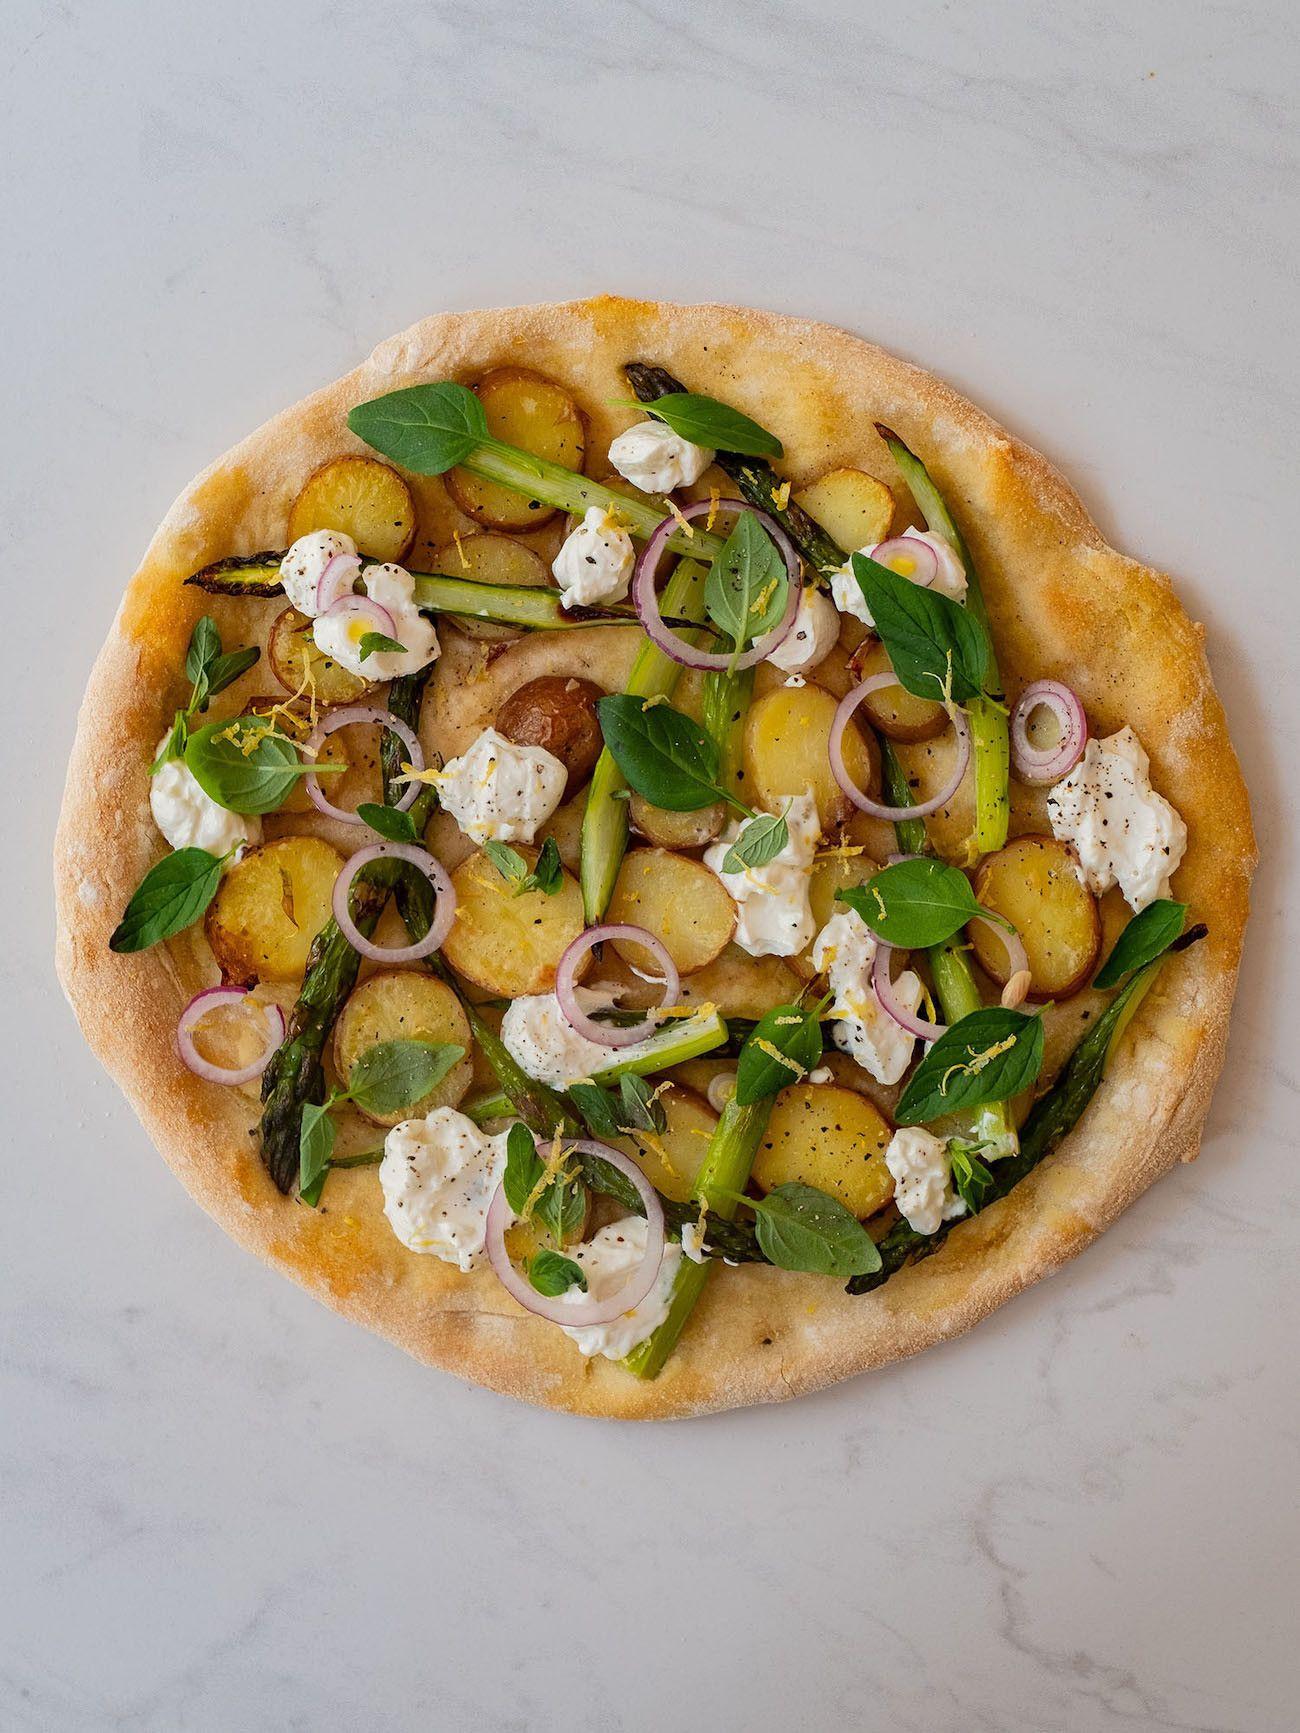 Foodblog About Fuel, Rezept Frühlingspizza mit grünerm Spargel, Frühkartoffeln und Ricotta, Oregano, Basilikum, Zitronenschale